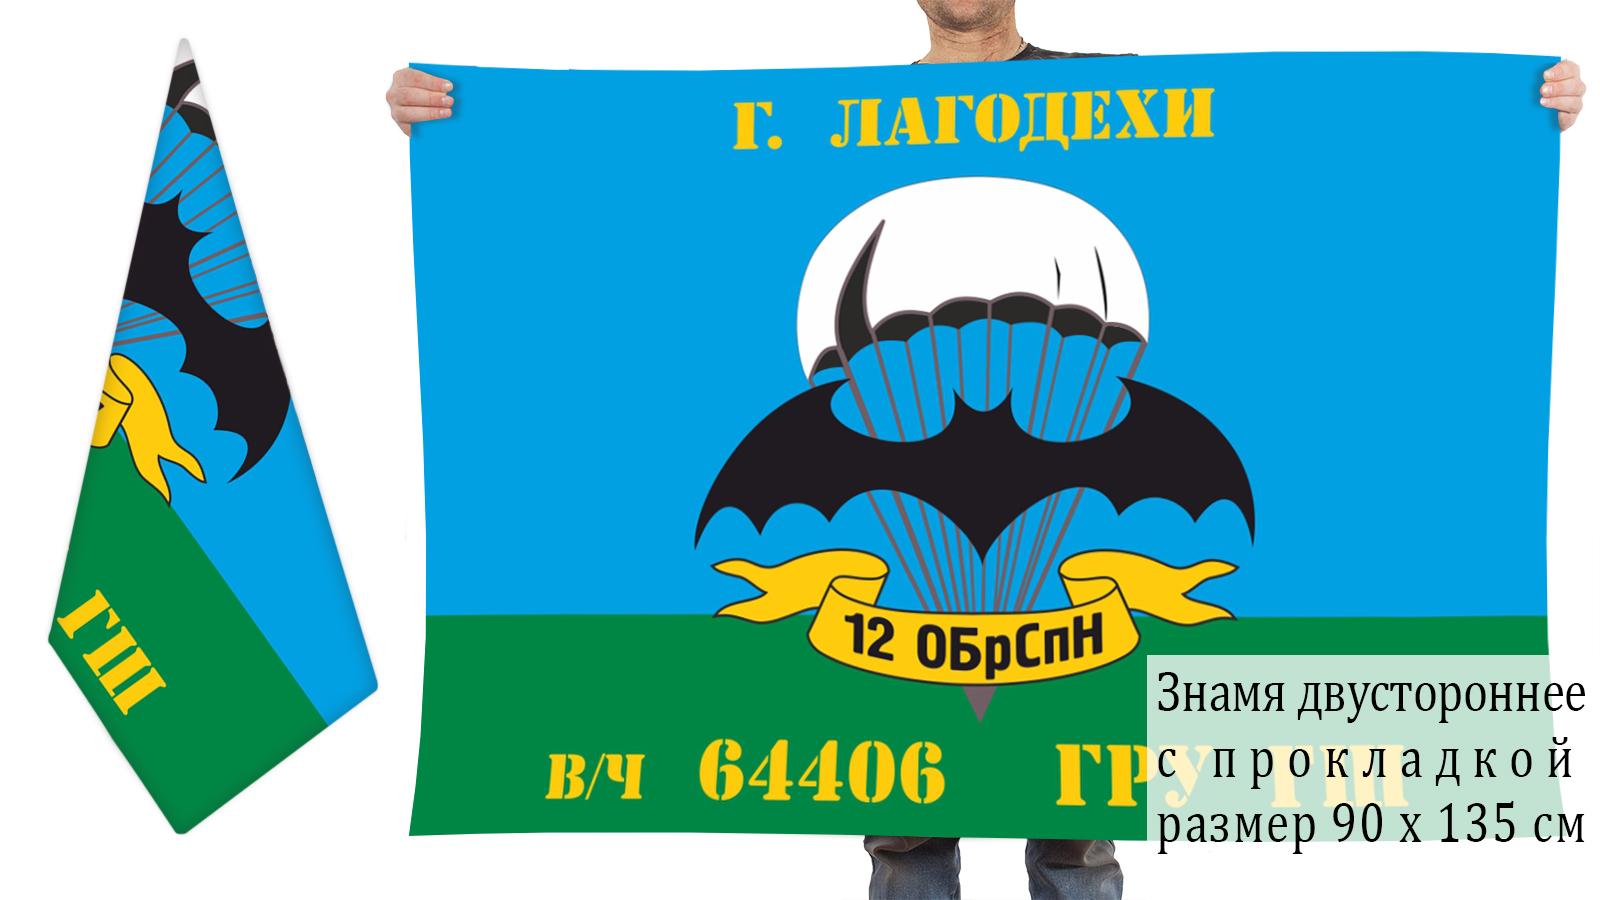 Двусторонний флаг 12 отдельной бригады спецназа ГРУ ГШ